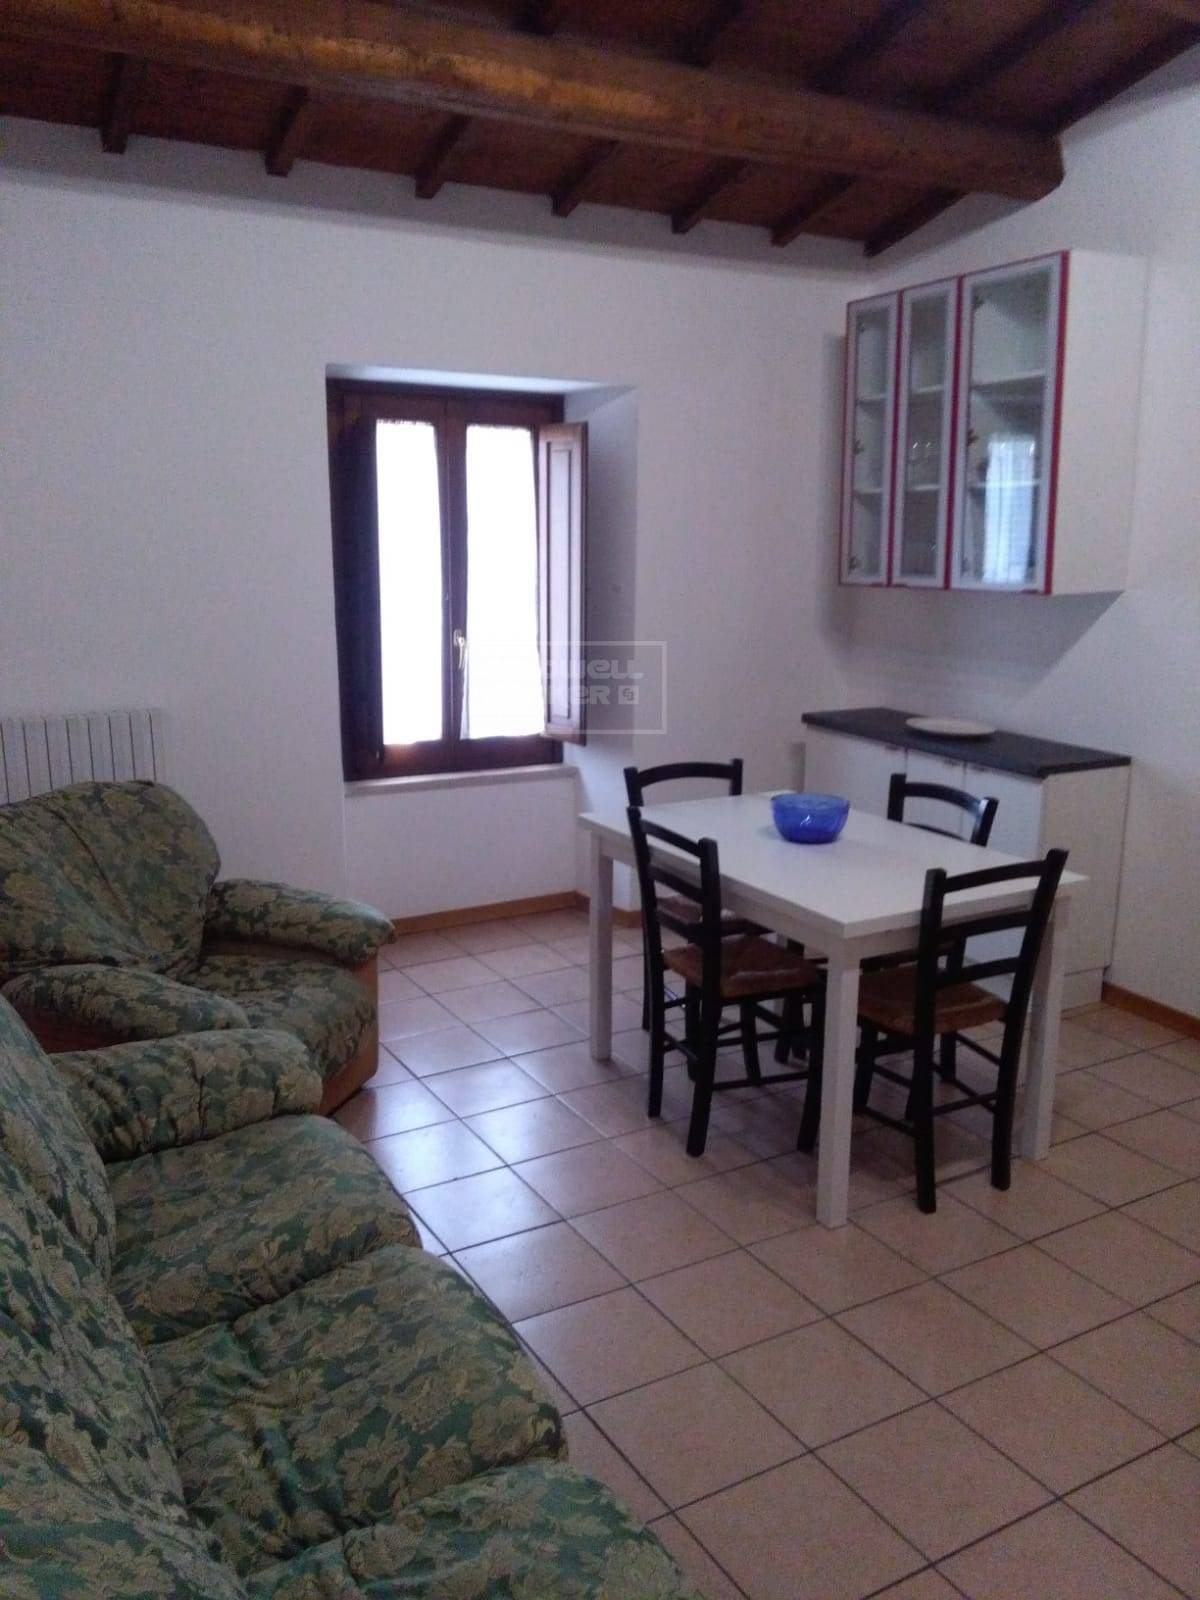 Appartamento in affitto a Vallo di Nera, 4 locali, zona Zona: Meggiano, prezzo € 250   CambioCasa.it